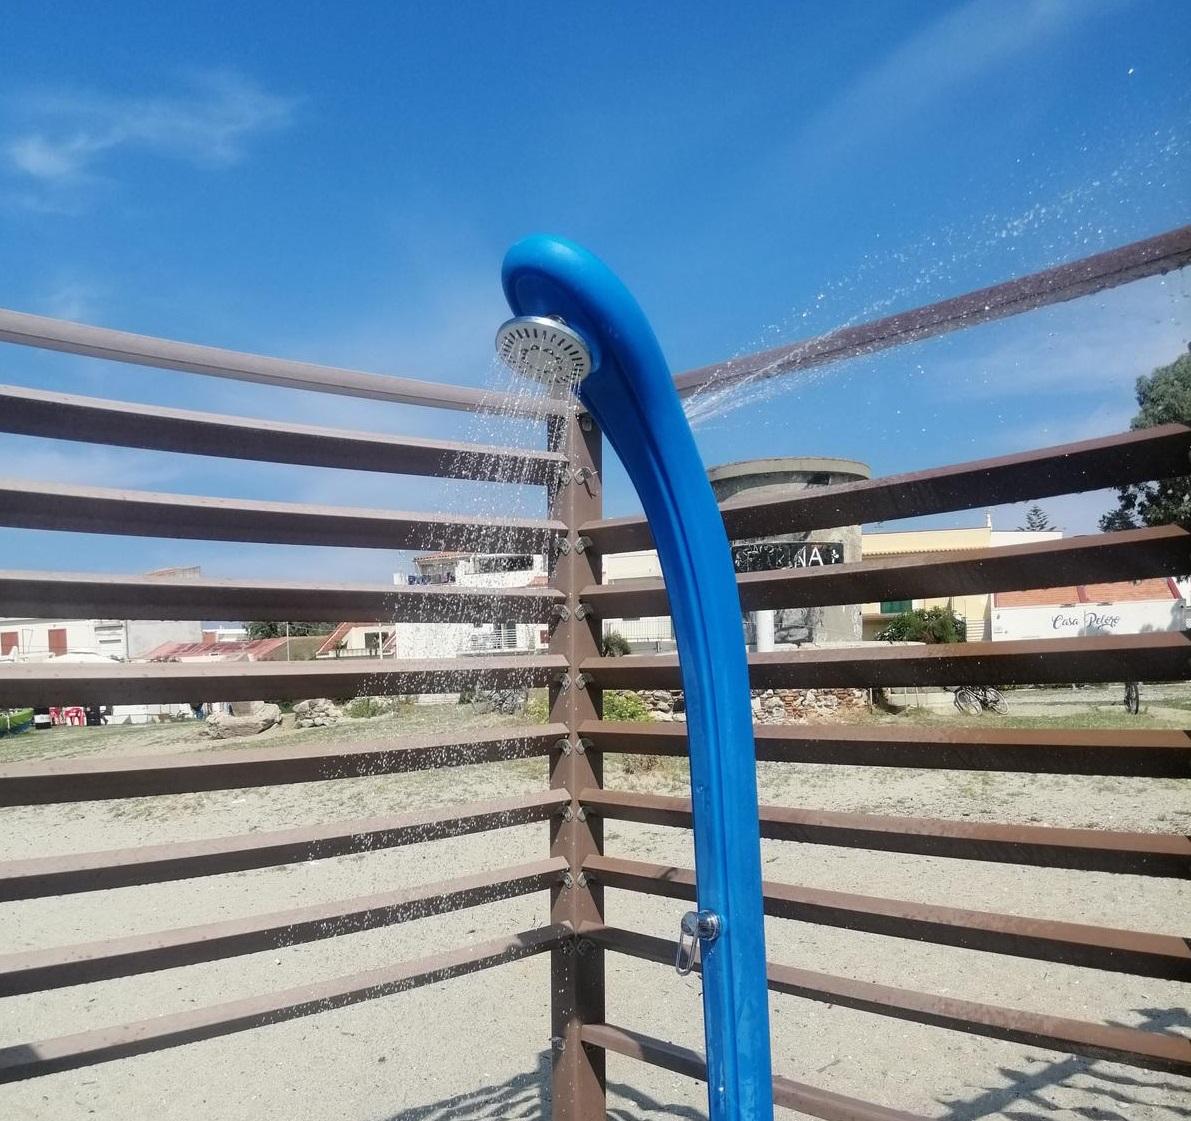 Doccia aperta da 3 giorni a Torre Faro: sprecati oltre 86 mila litri d'acqua